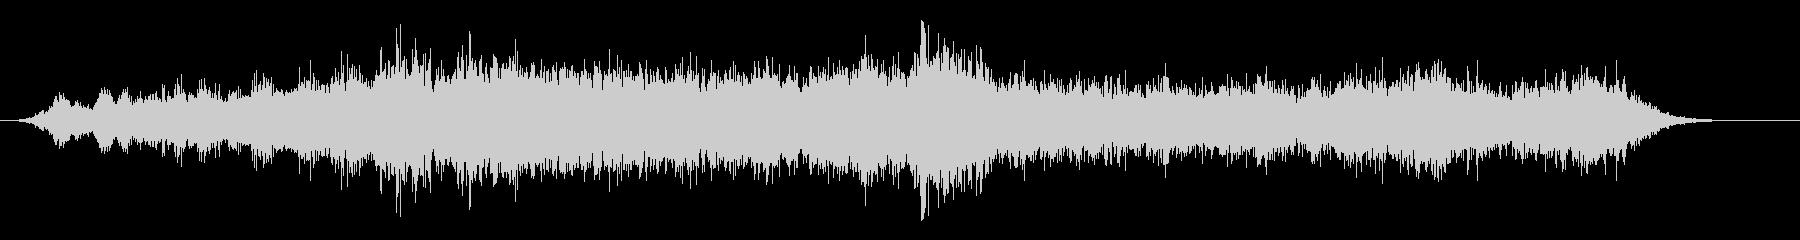 音楽:不気味なスローホラーストリン...の未再生の波形